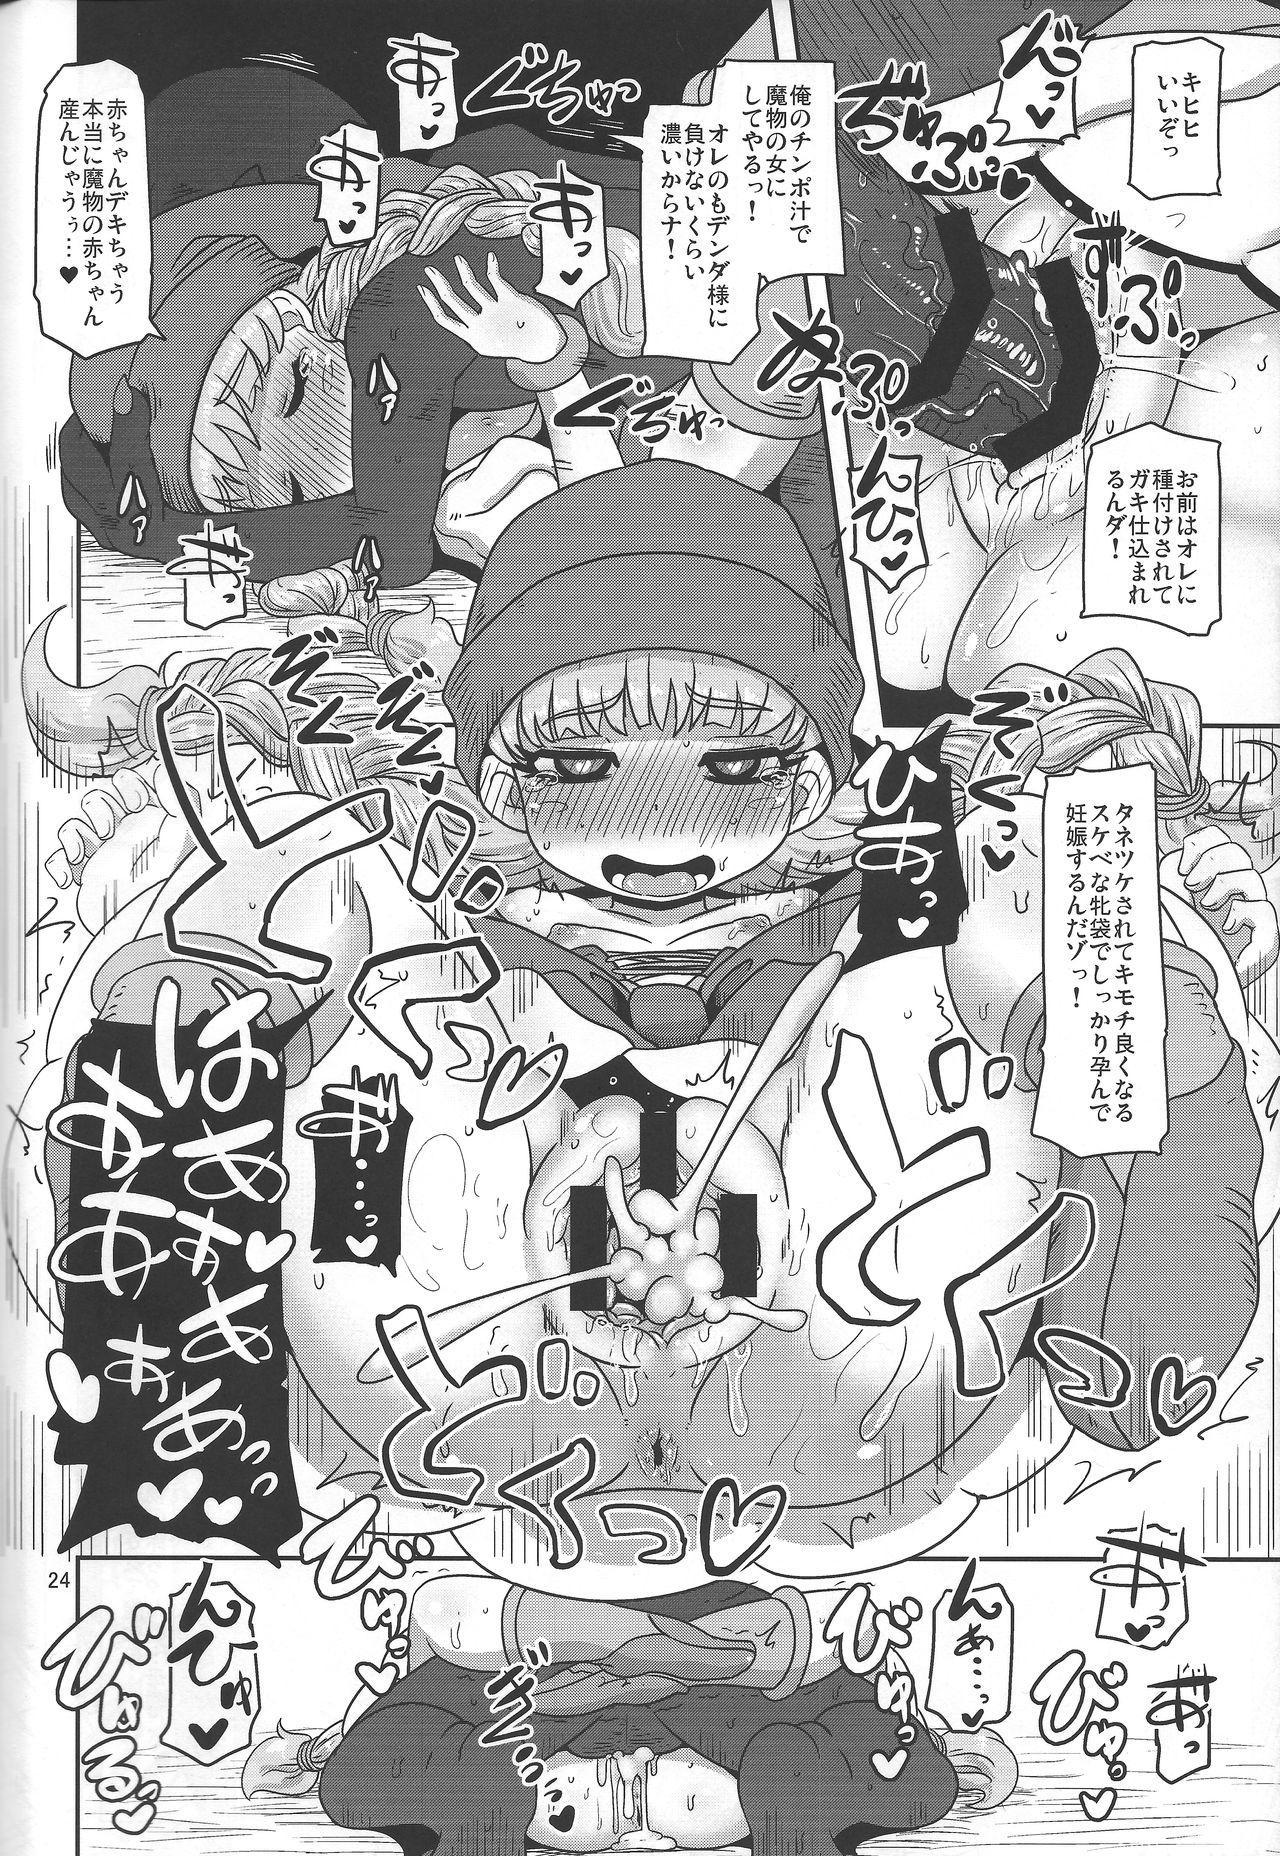 Tensai Mahoutsukai no Sei Jijou 22